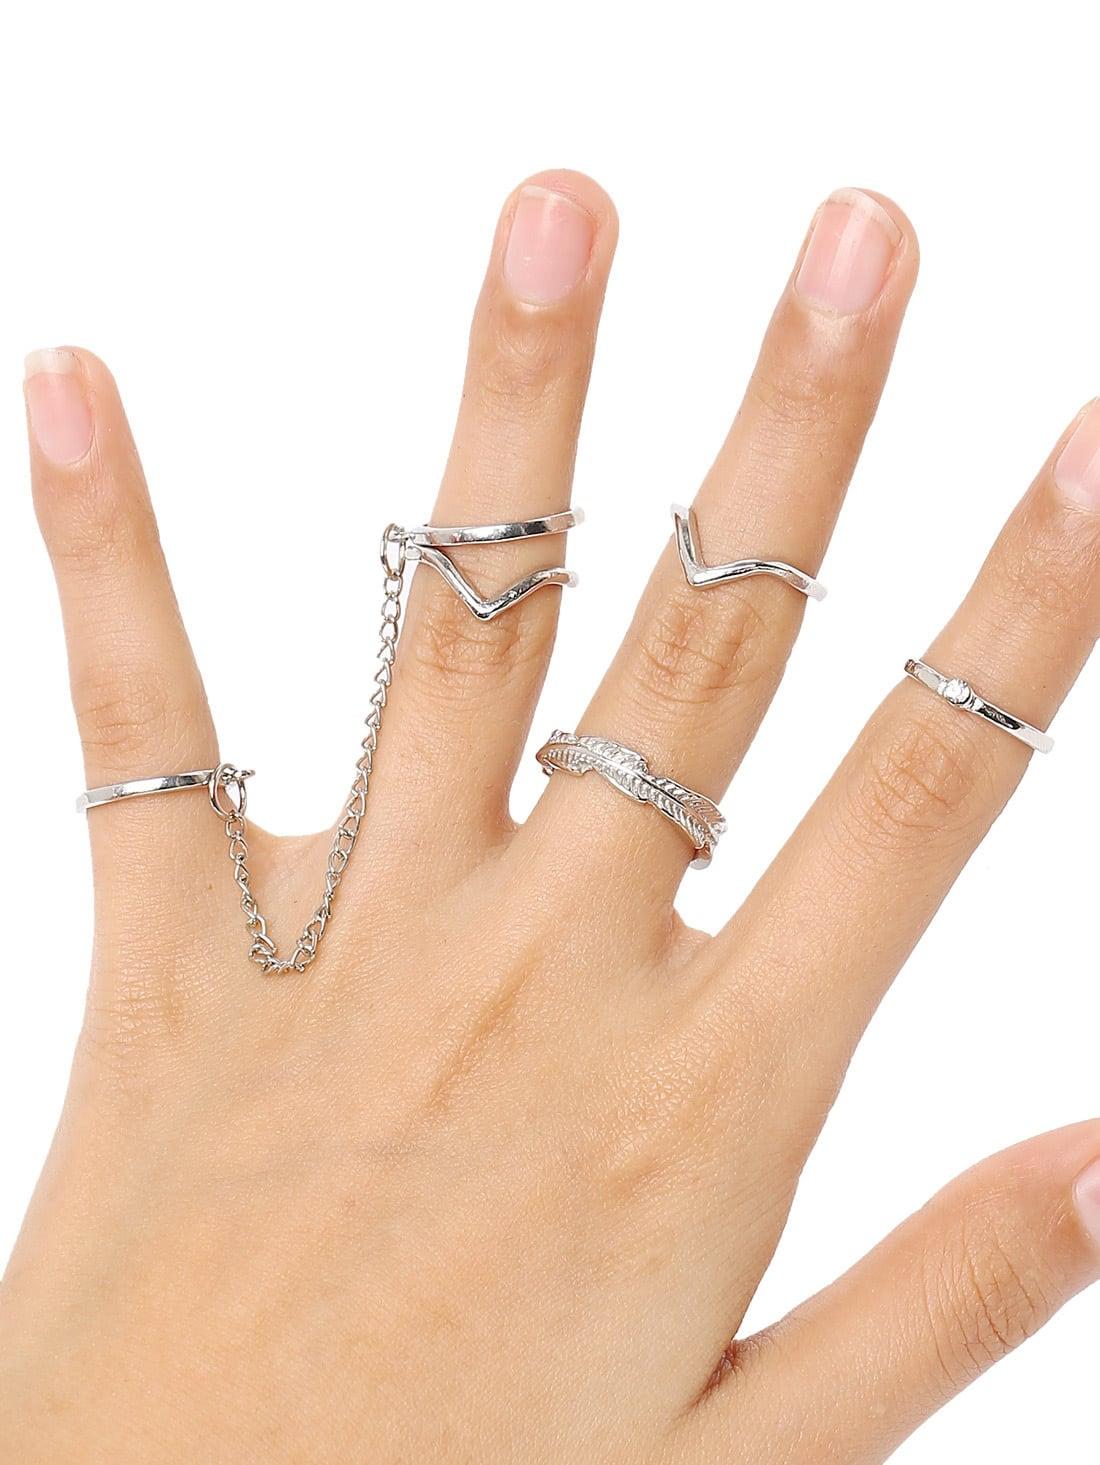 Silver 6pcs Leaves RingsSilver 6pcs Leaves Rings<br><br>color: None<br>size: None